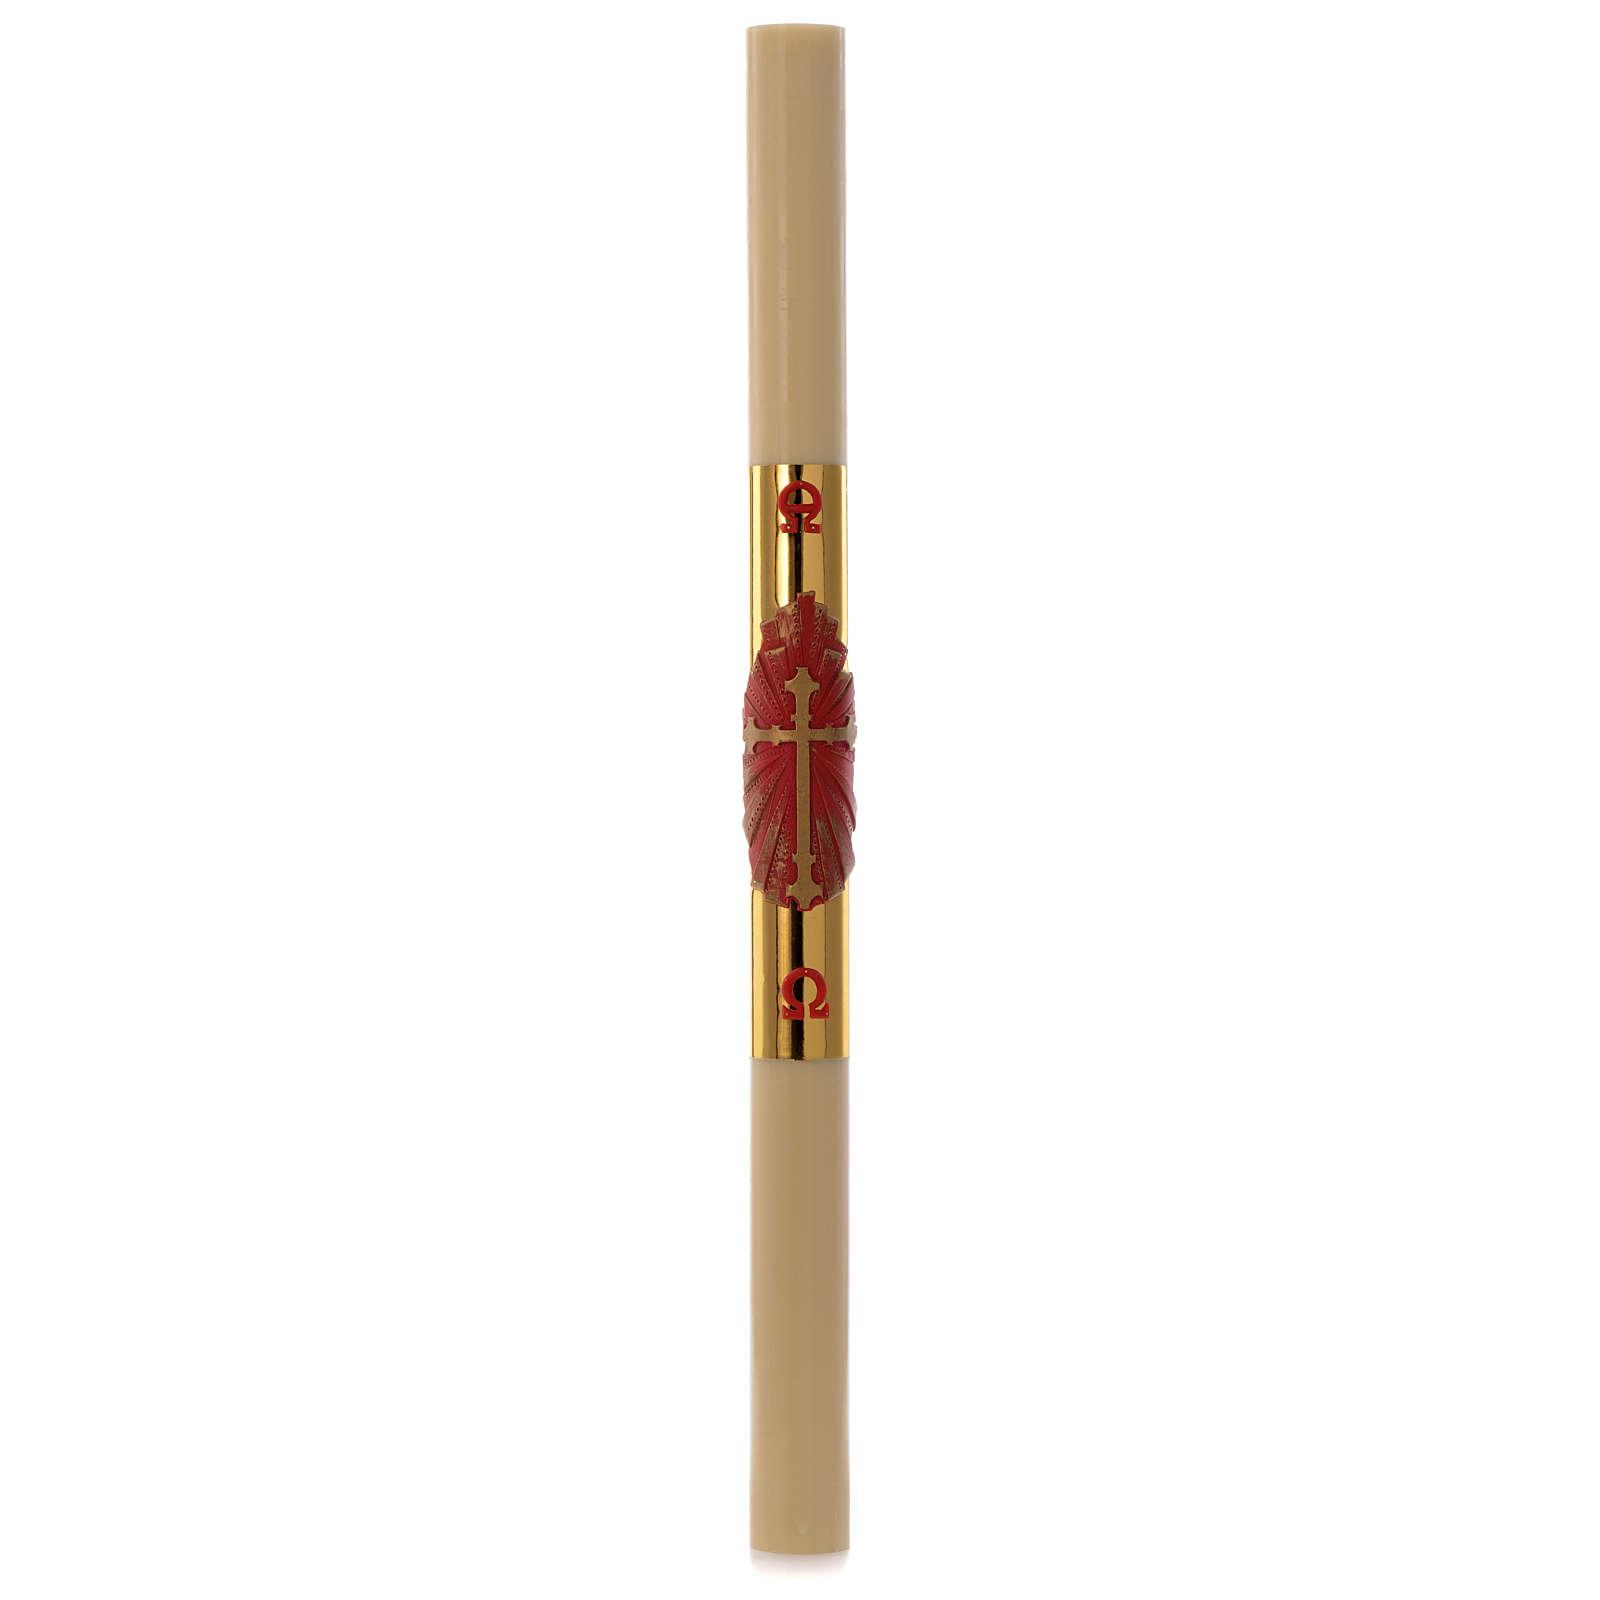 Cero pasquale cera api Croce rossa fondo oro 8x120 cm 3